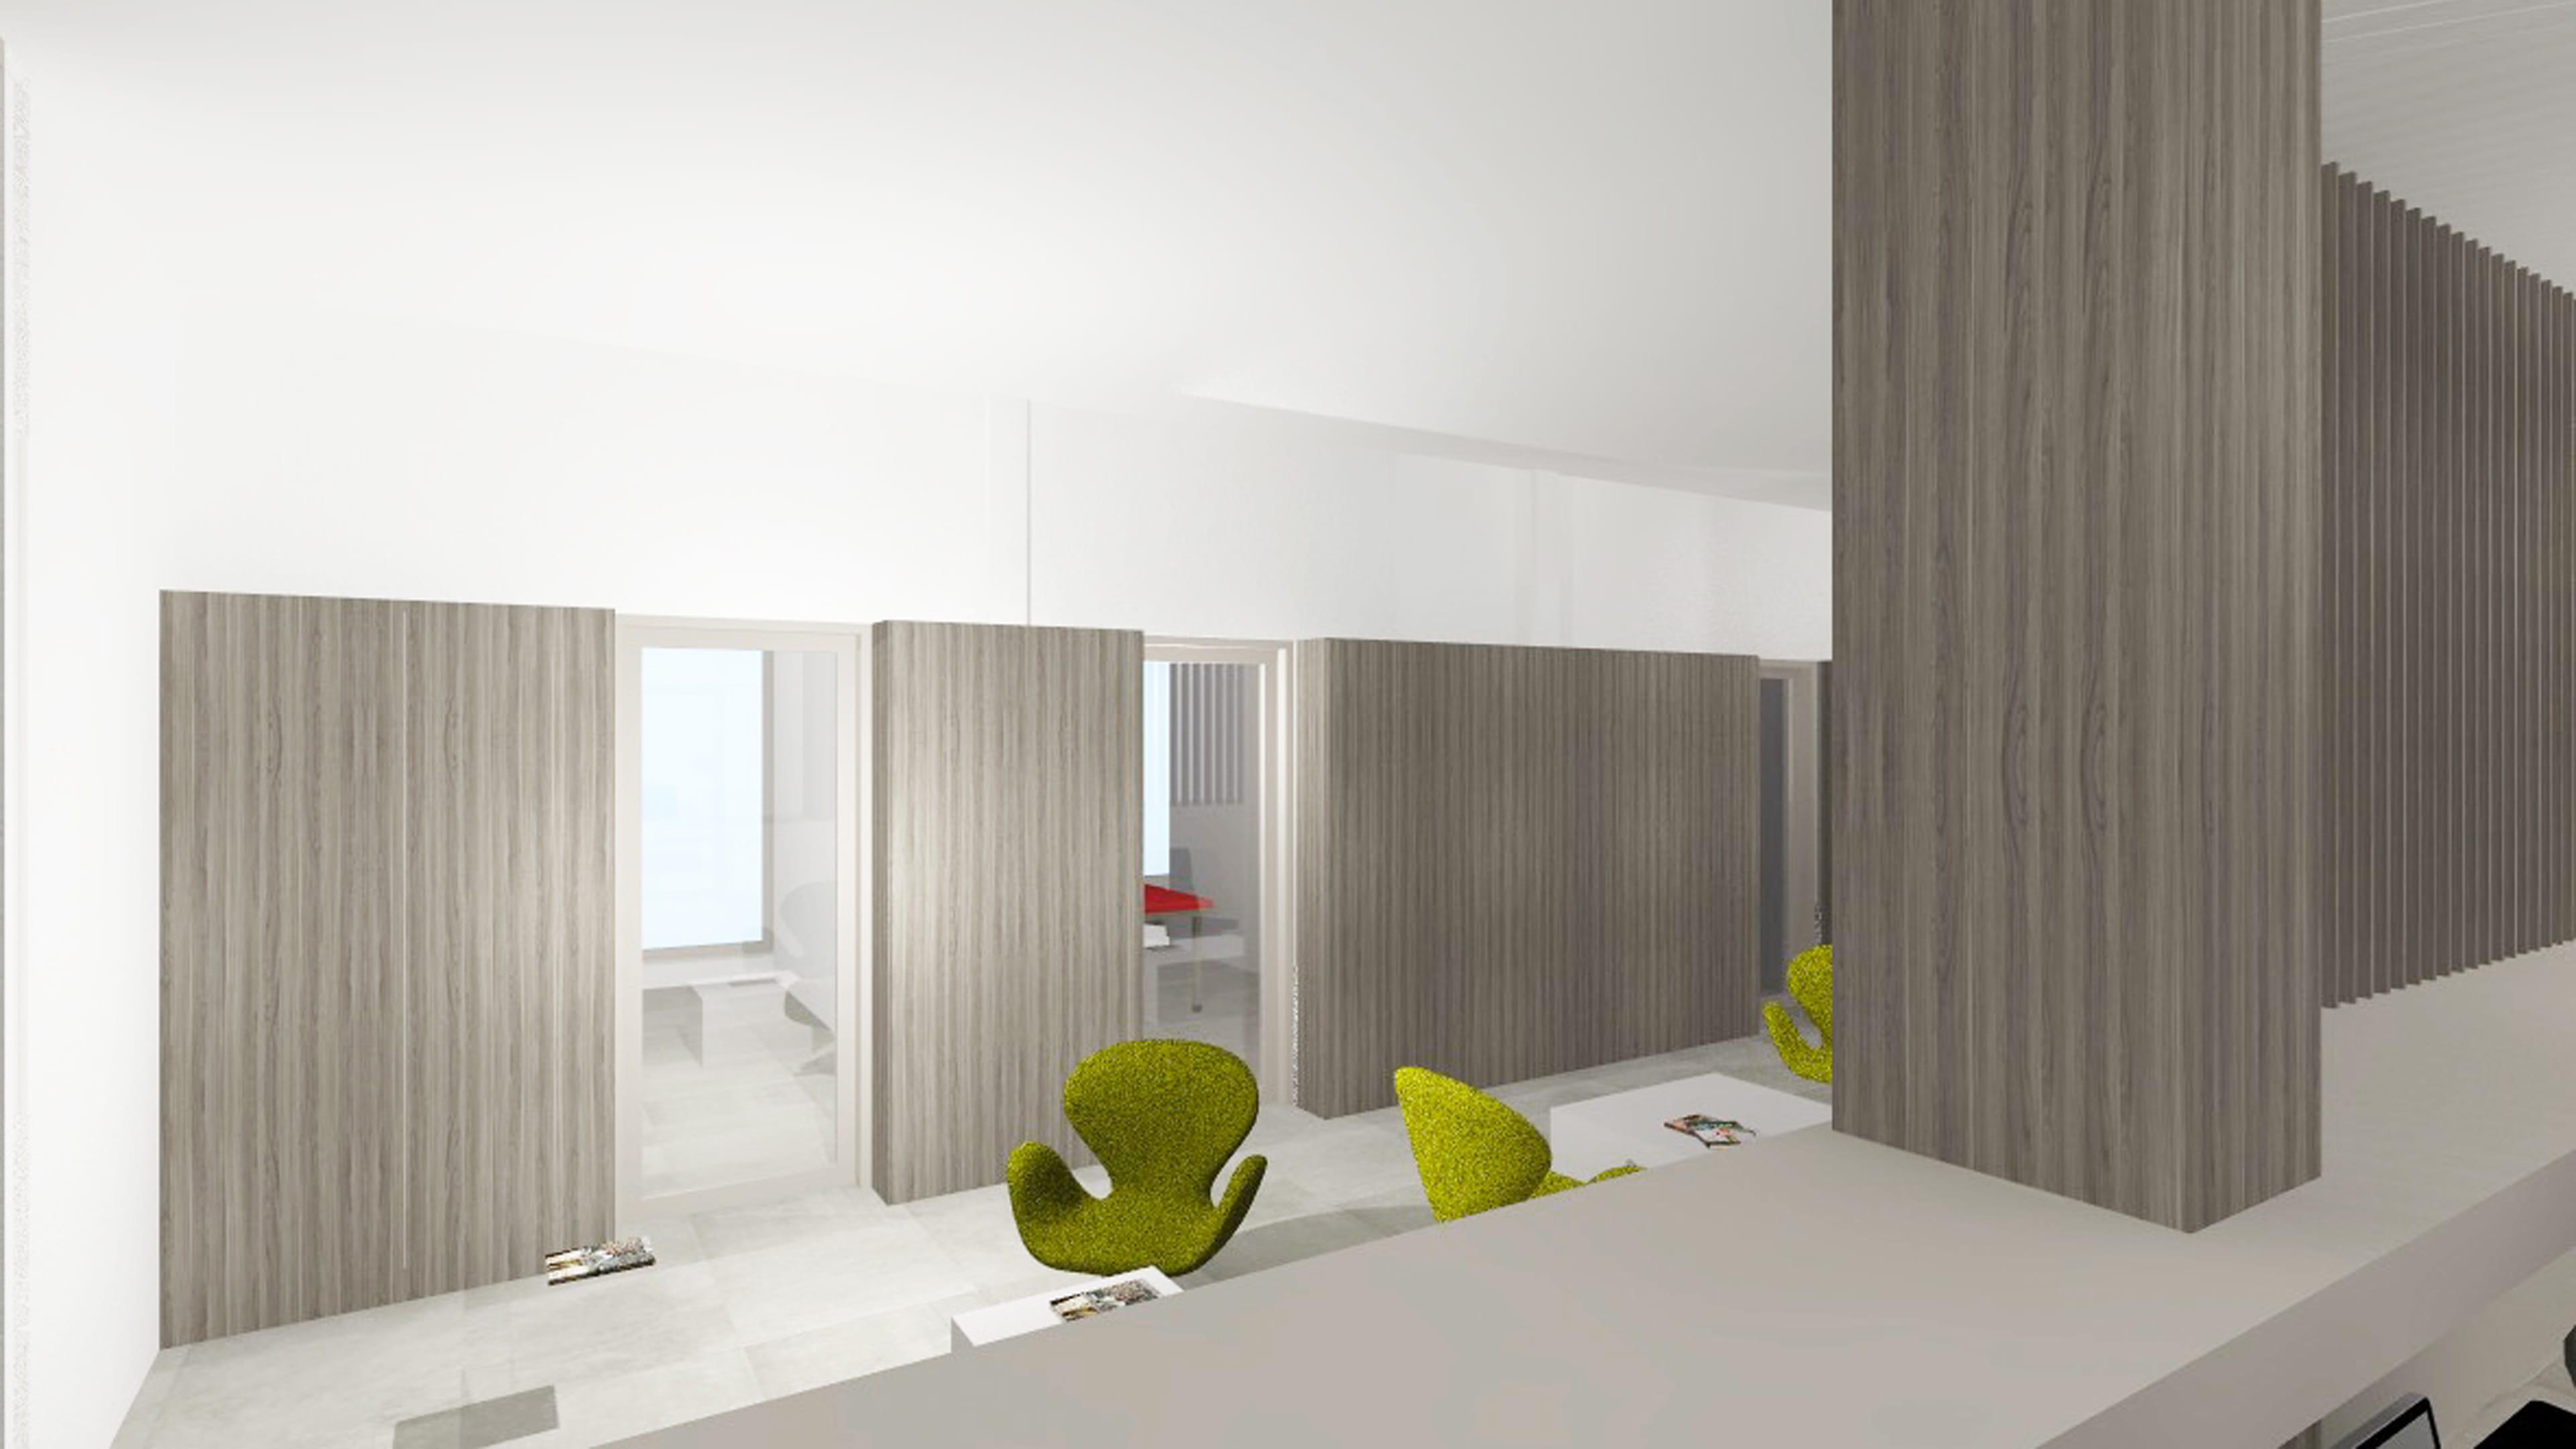 CFArchitectes, Cabinet mdecial, Luxembourg, Christophe Felten Architectes, Intérieur